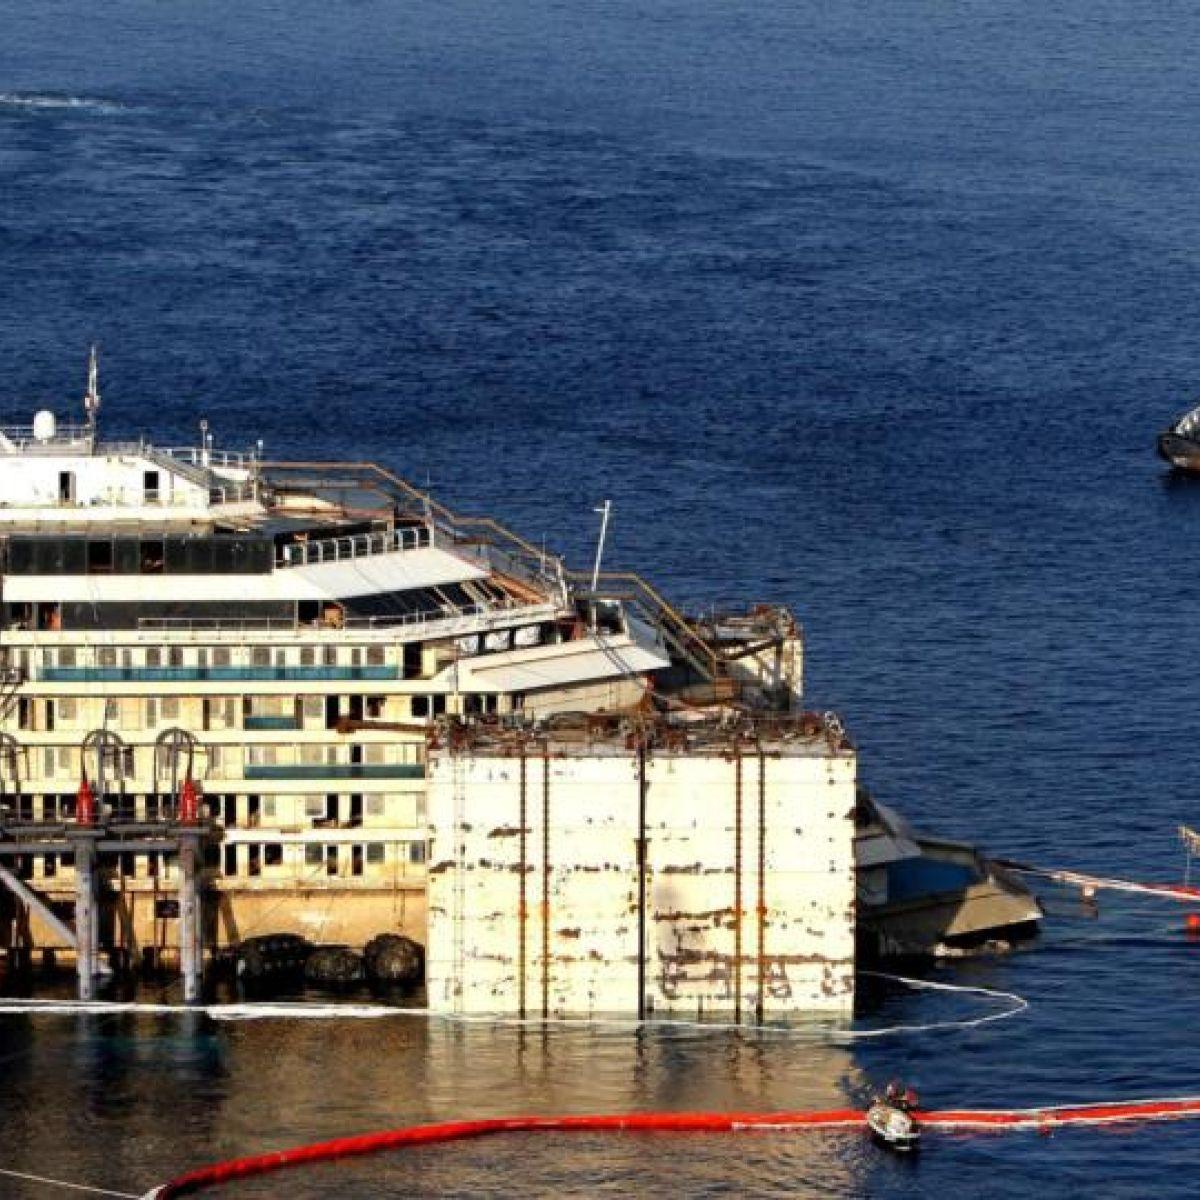 Dutch captain unfazed over role in Costa Concordia salvage